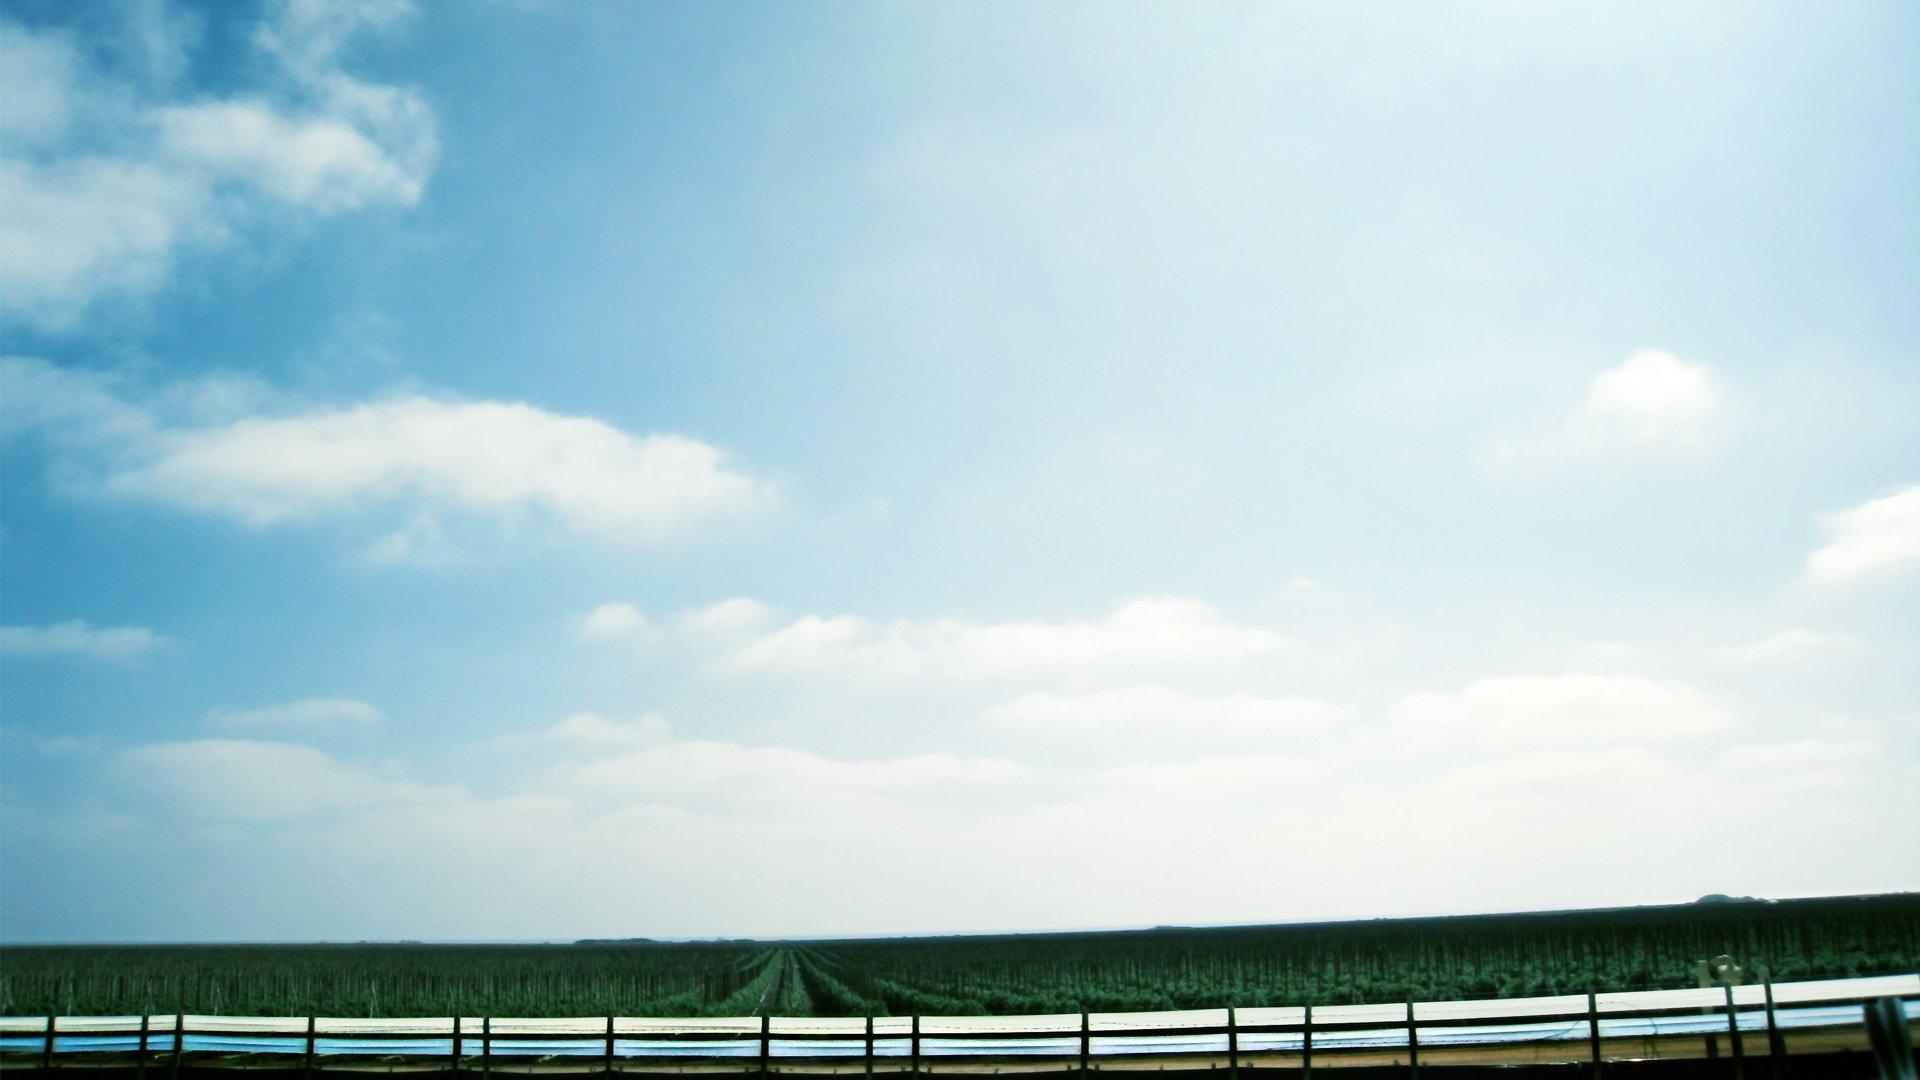 蓝天白云海滩 壁纸14   蓝天白云壁纸_xp蓝天白云壁纸_蓝天高清图片